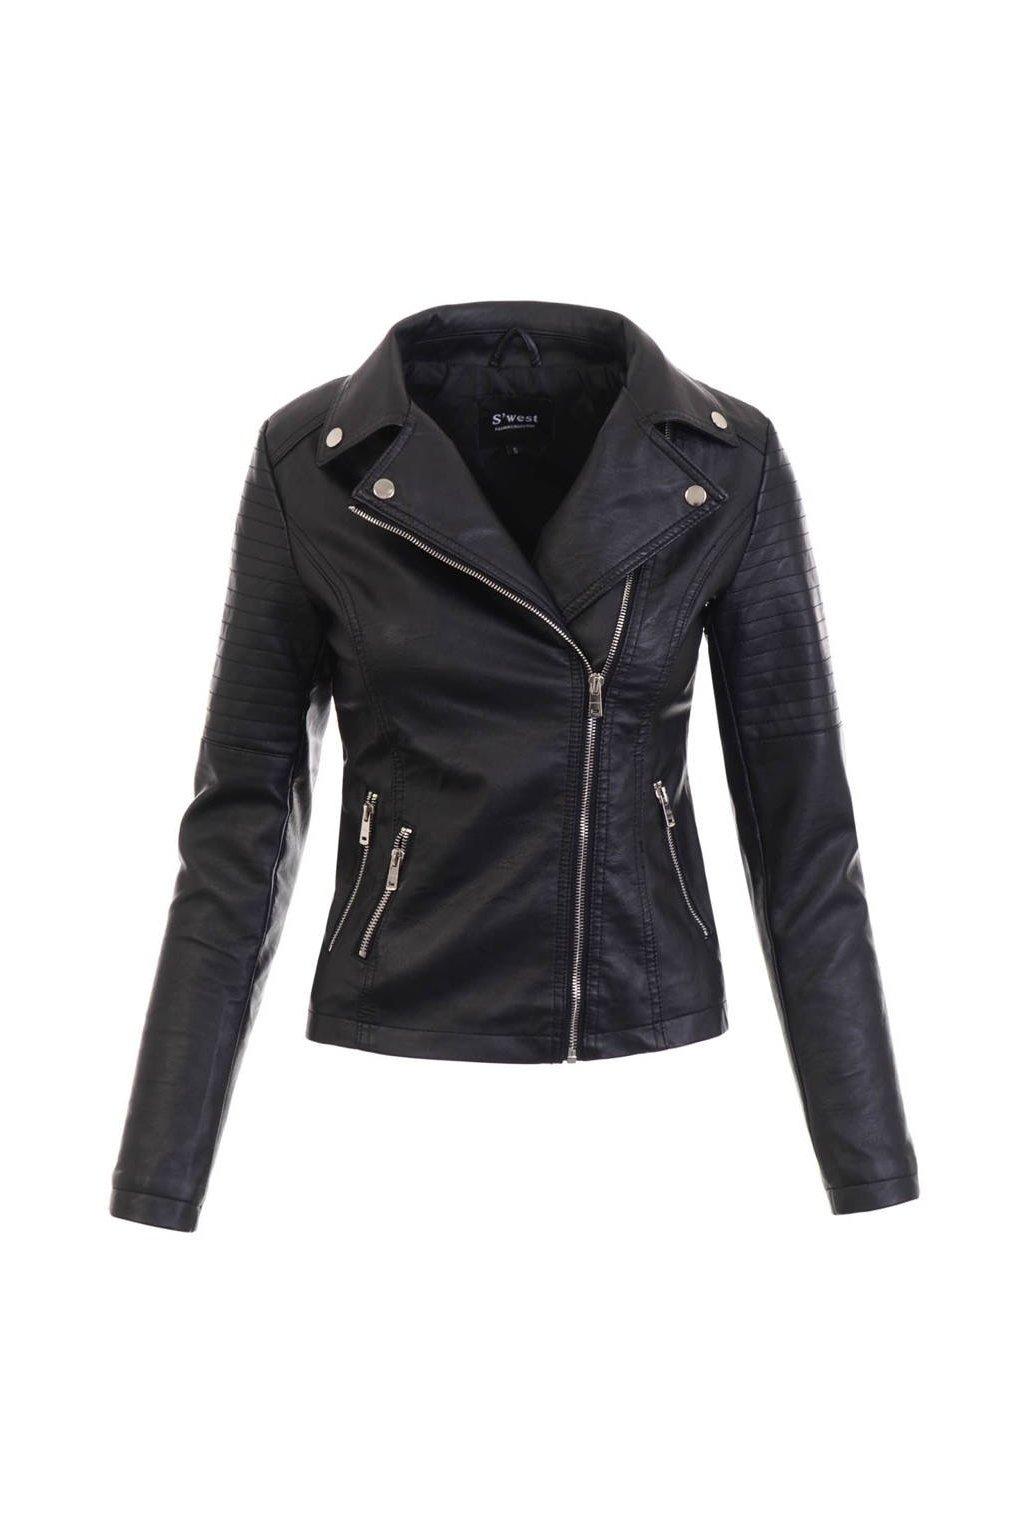 Dámska kožená bunda 5452 čierna